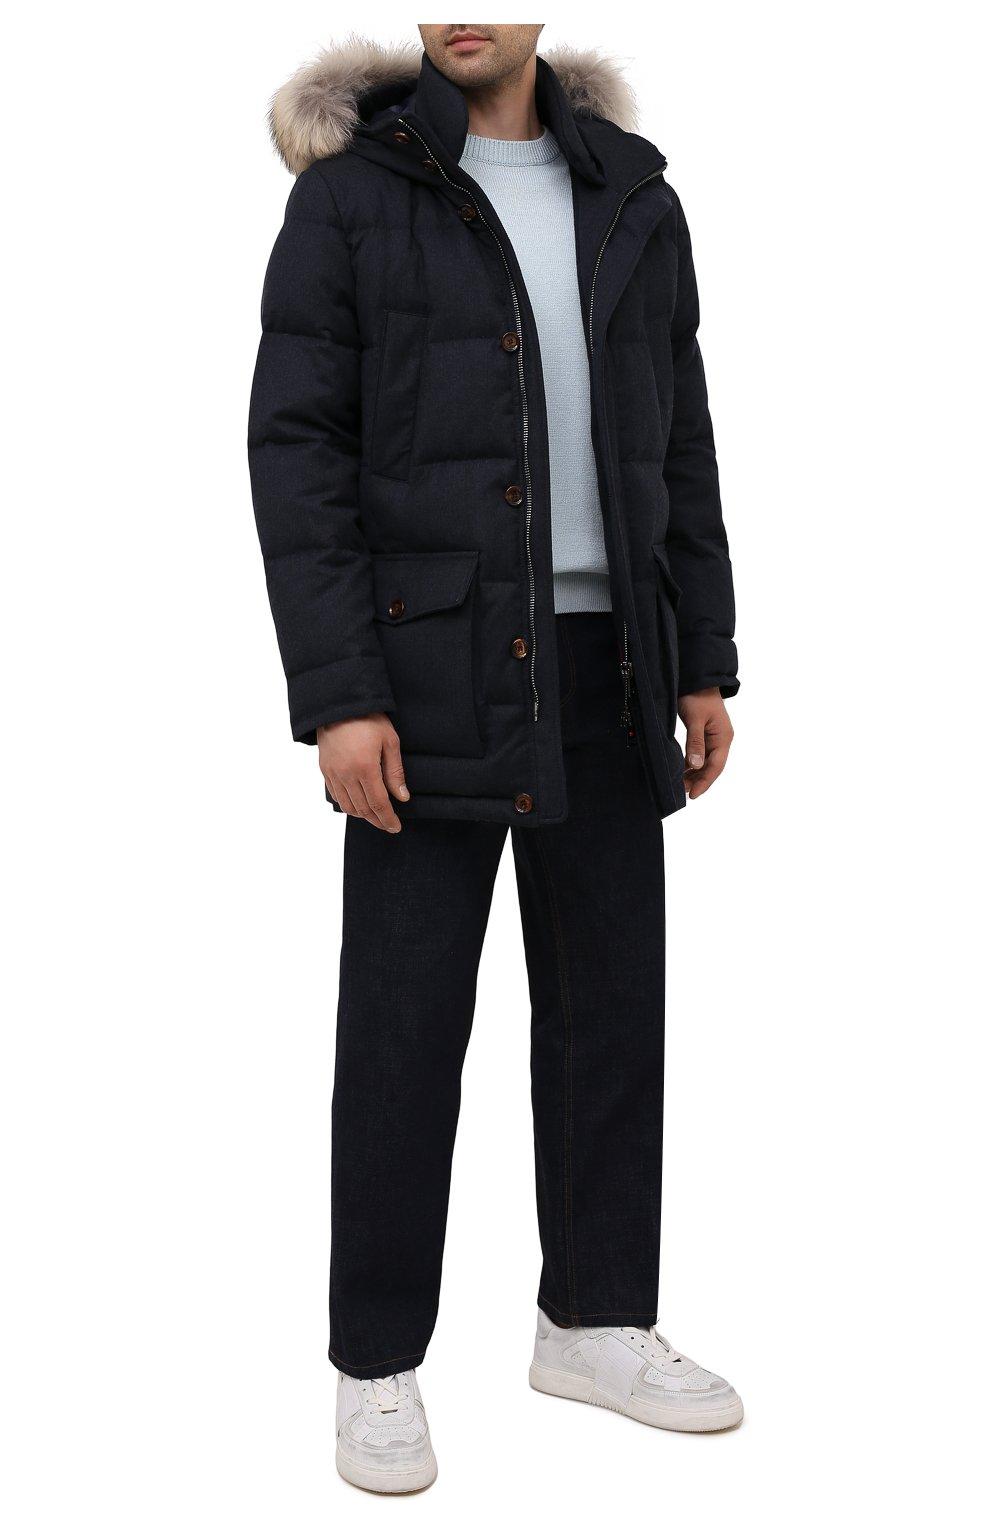 Мужская пуховик с меховой отделкой KIRED синего цвета, арт. WANIEW7405008002   Фото 2 (Кросс-КТ: Куртка; Мужское Кросс-КТ: пуховик-короткий; Материал внешний: Шерсть; Рукава: Длинные; Длина (верхняя одежда): До середины бедра; Материал подклада: Синтетический материал; Материал утеплителя: Пух и перо; Стили: Кэжуэл)